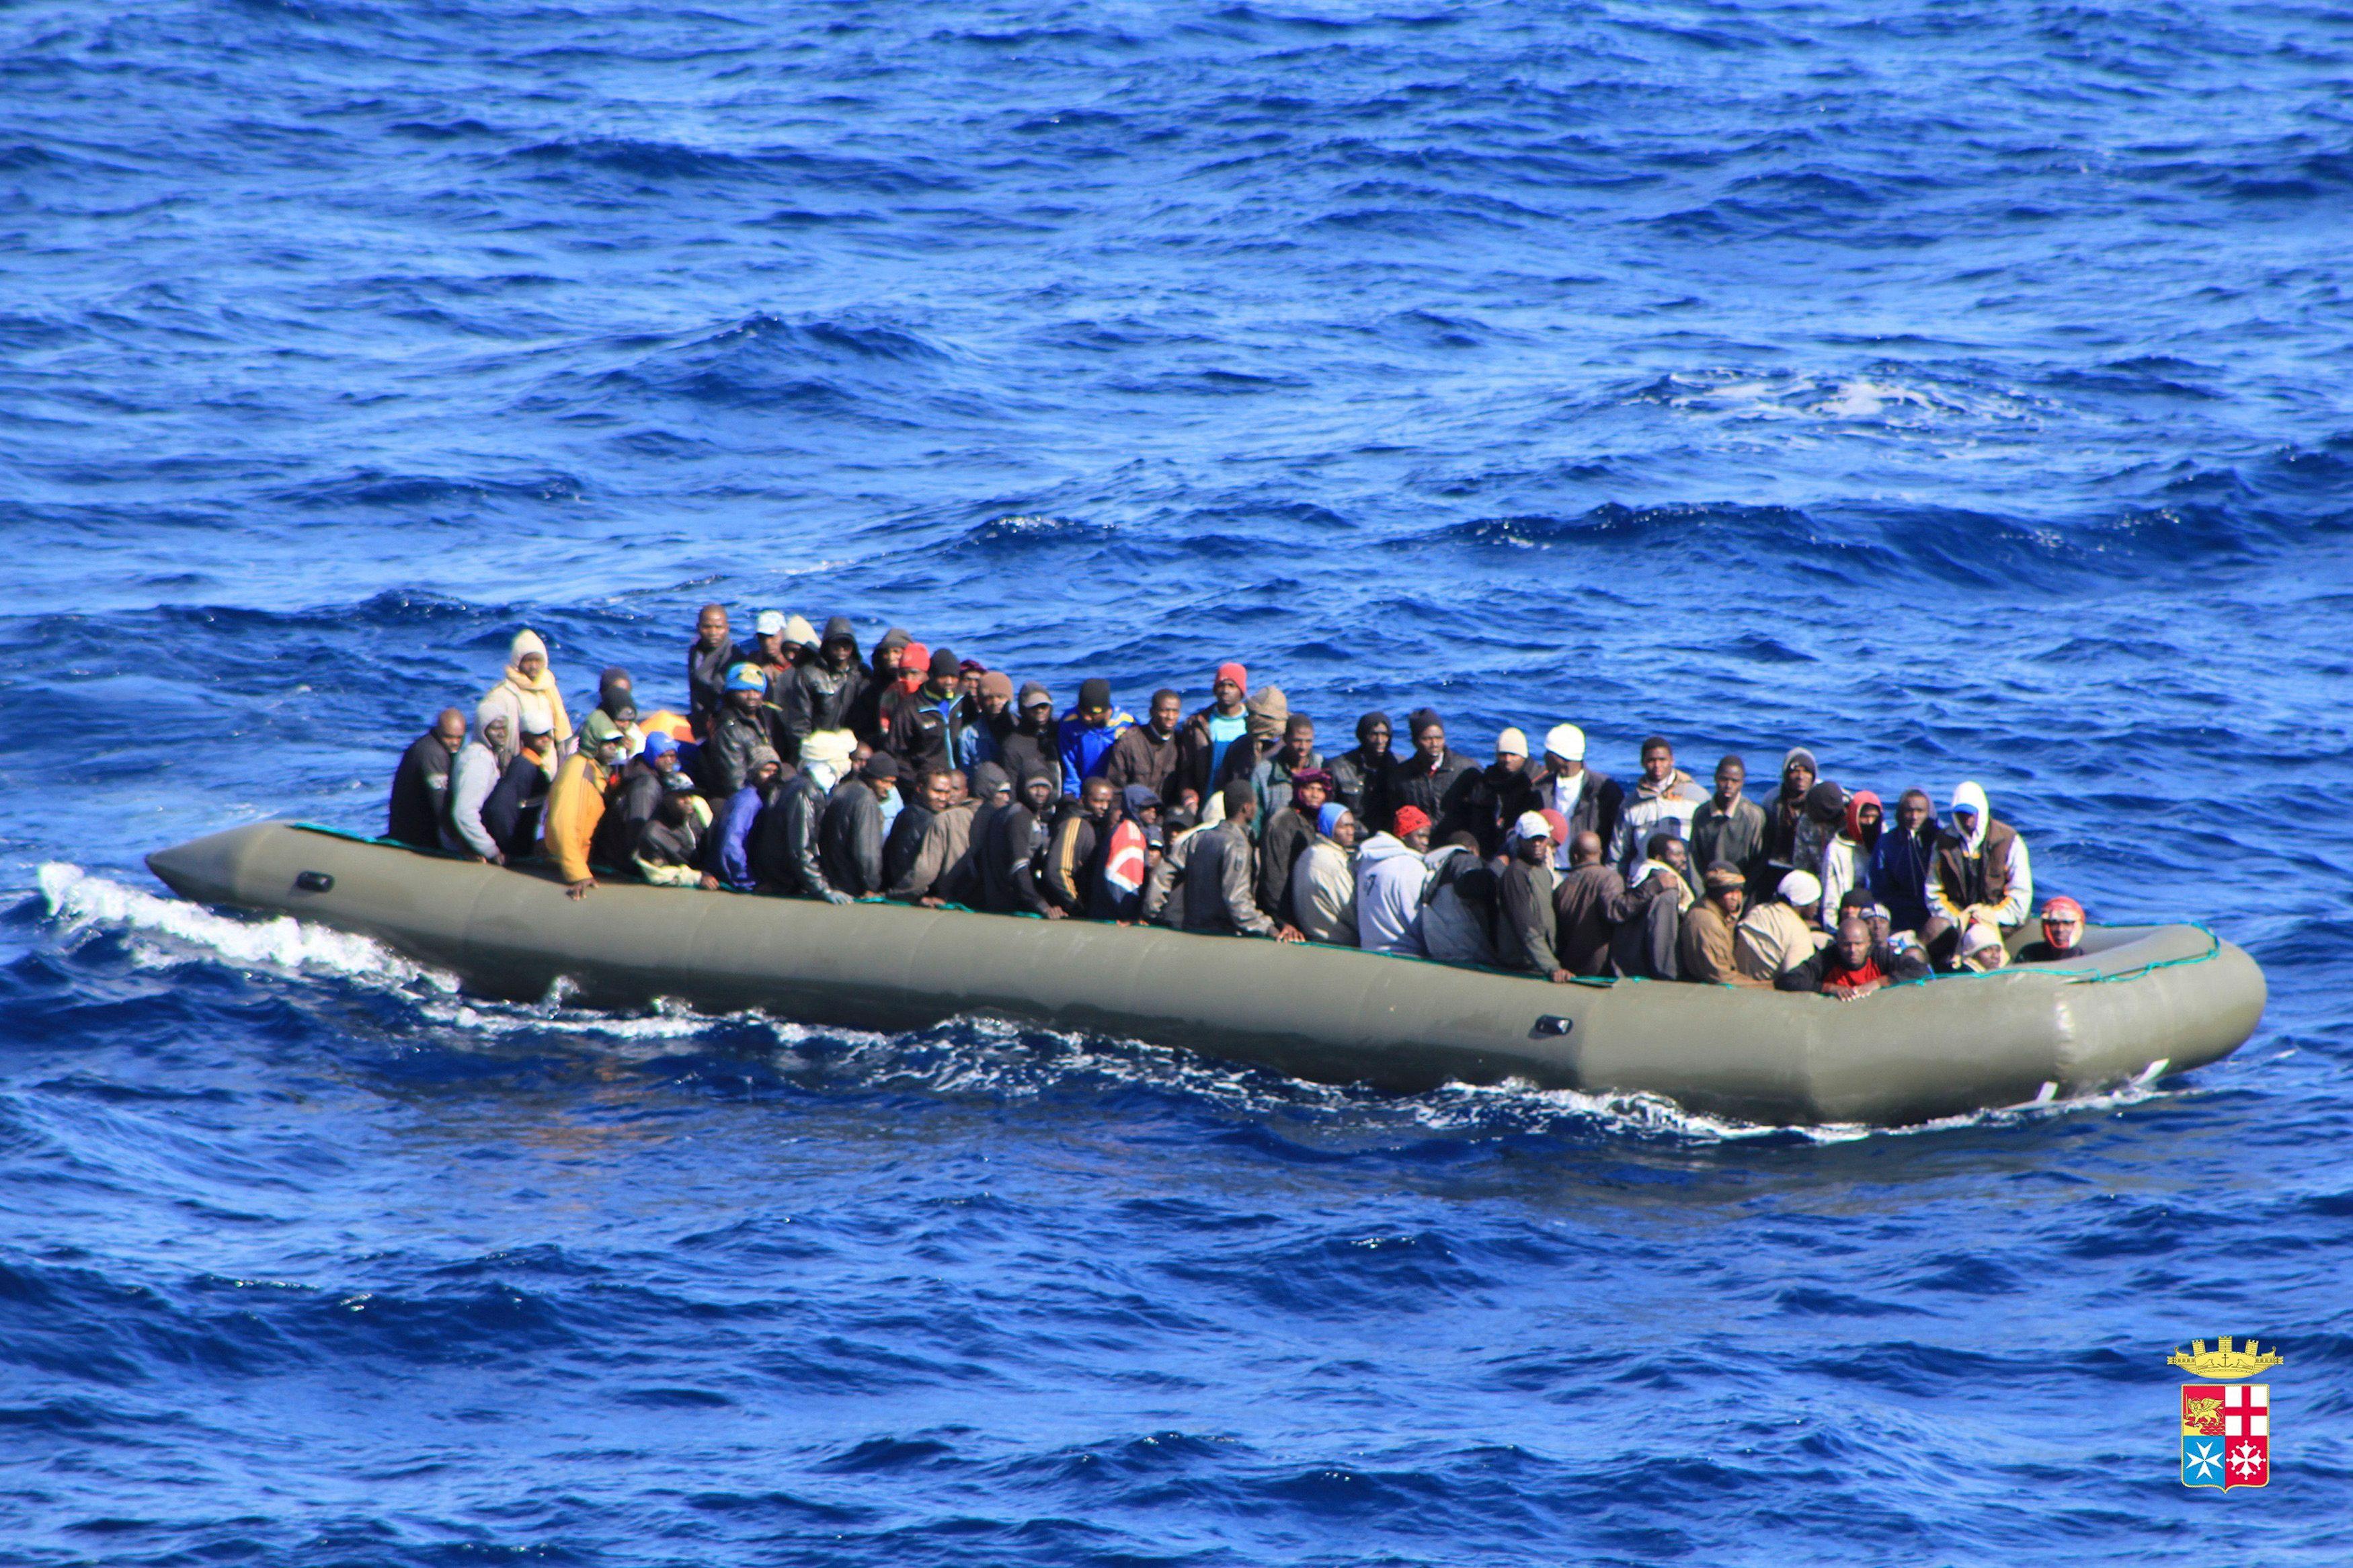 Des migrants tentant de traverser la Méditérranée.